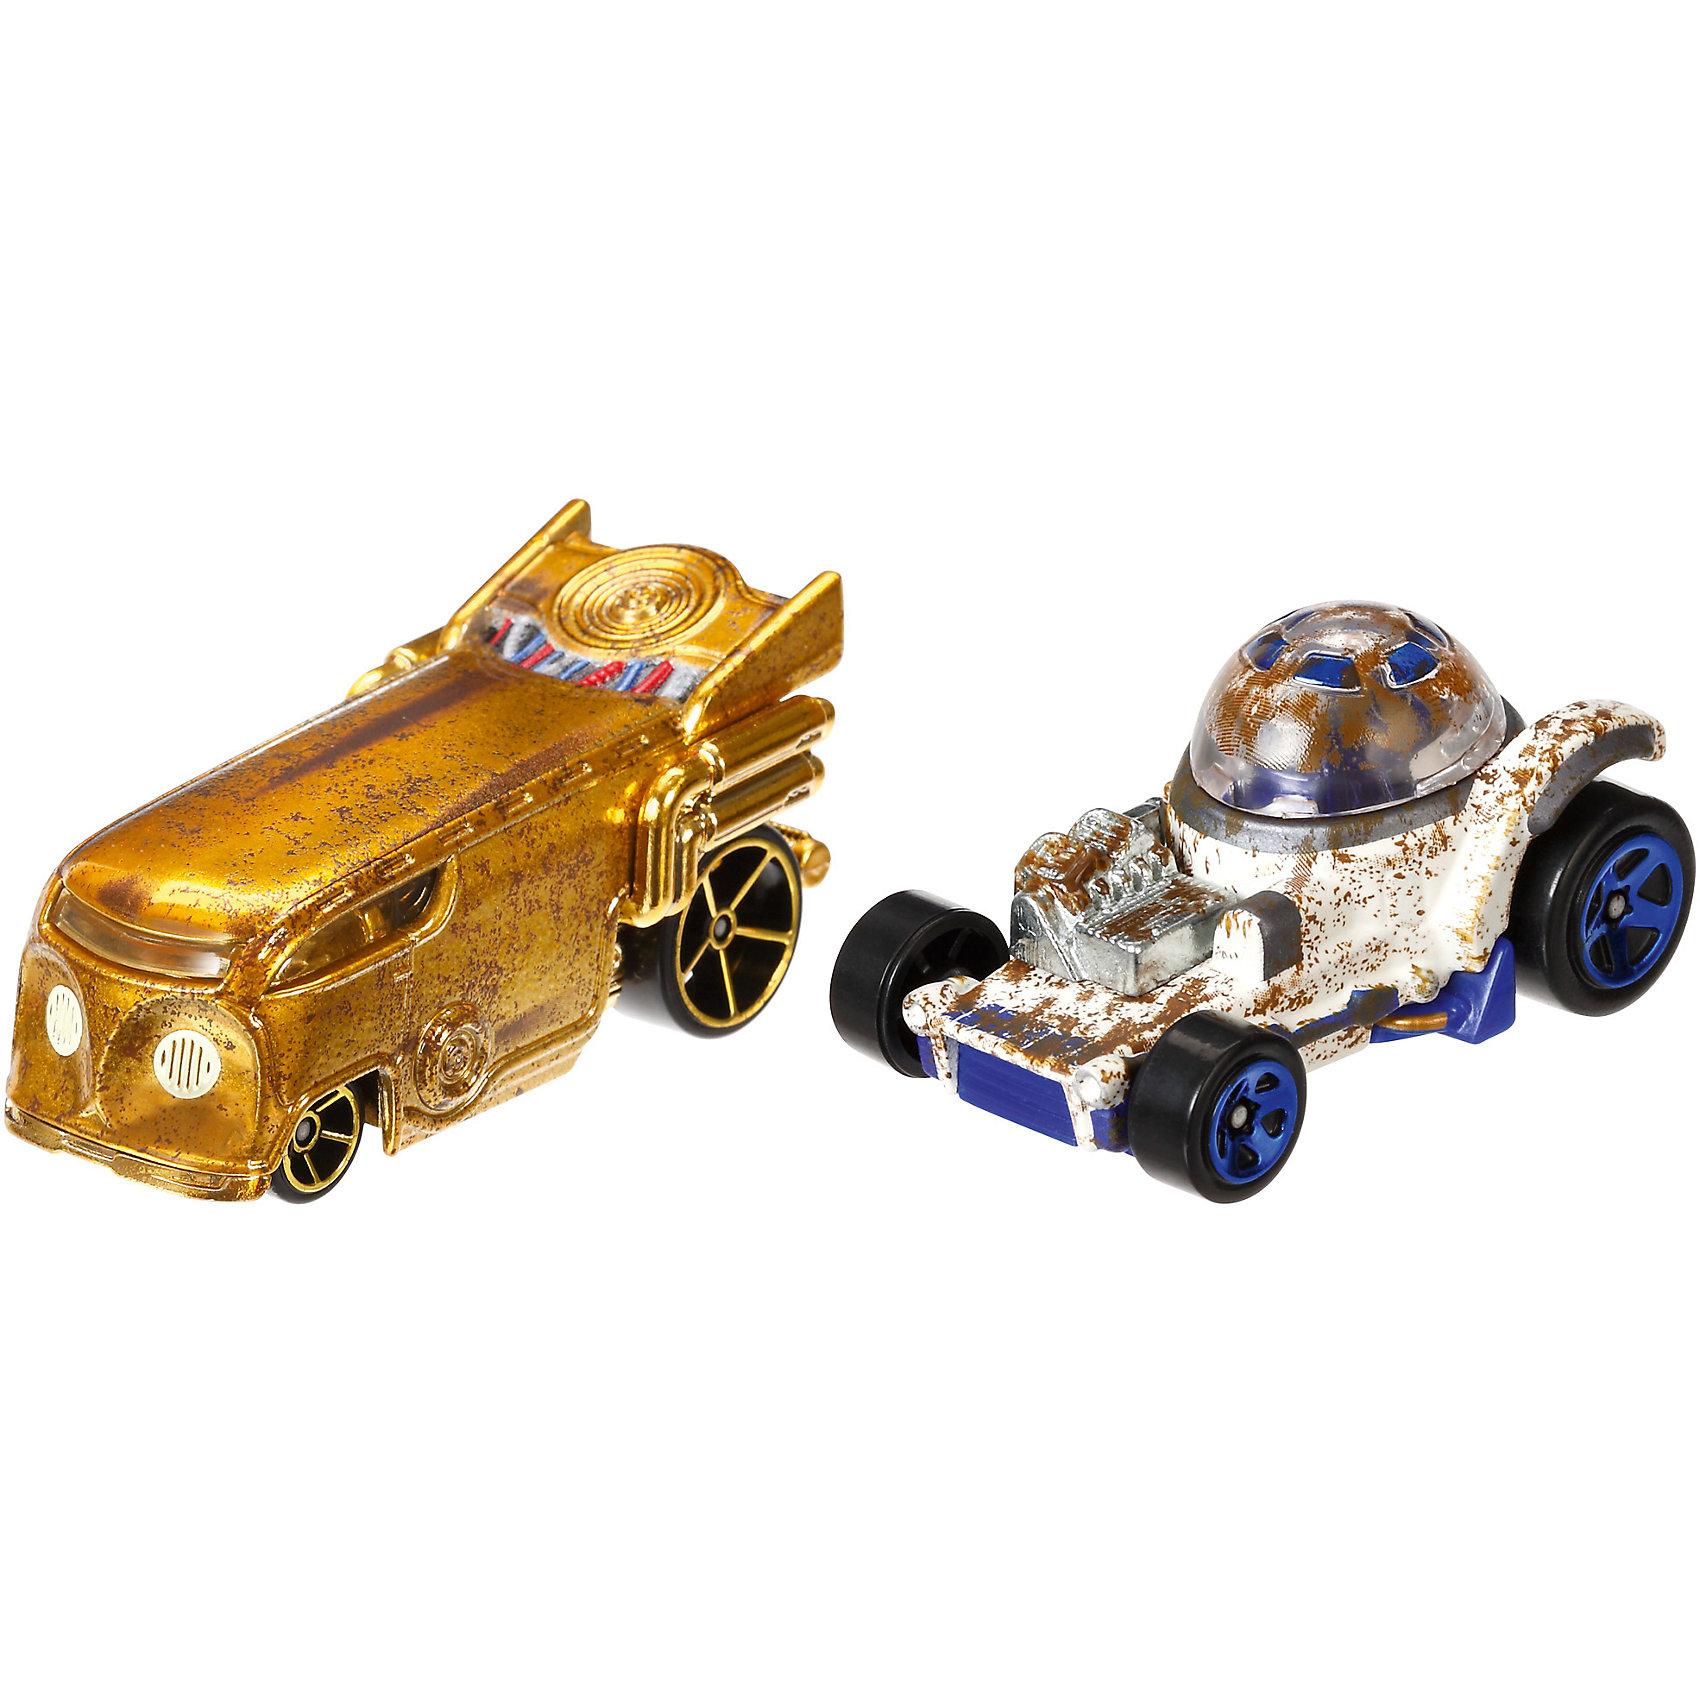 Набор из 2-х машинок Звездные войны, Hot WheelsЗвездные войны Игрушки<br>Базовые машинки Star Wars, Hot Wheels (Хот Вилс) – этот набор порадует юного автолюбителя и поклонника межгалактических приключений. В этом наборе от Хот Вилс любимые миллионами персонажи «Звездных войн» робот C-3PO и астродроид R2D2 предстают в виде машинок. Несмотря на то, что их внешний вид в фильмах нисколько не походил на машины, каждый персонаж прекрасно узнаваем по цветам и характерным деталям, которые перешли от героев в дизайн автомобилей. Машинки понравятся поклонникам всех возрастов: соберите полную коллекцию и устраивайте гонки по всей галактике!  <br><br>Дополнительная информация:  <br>- В комплекте: 2 машины <br>- Масштаб: 1:64 <br>- Материал: пластик, металл <br>- Упаковка: блистер на картоне <br>- Размер упаковки: 20,3 x 6,4 x 16,5 см.  <br><br>Базовые машинки Star Wars, Hot Wheels (Хот Вилс) можно купить в нашем интернет-магазине.<br><br>Ширина мм: 65<br>Глубина мм: 205<br>Высота мм: 165<br>Вес г: 166<br>Возраст от месяцев: 48<br>Возраст до месяцев: 120<br>Пол: Мужской<br>Возраст: Детский<br>SKU: 4983085